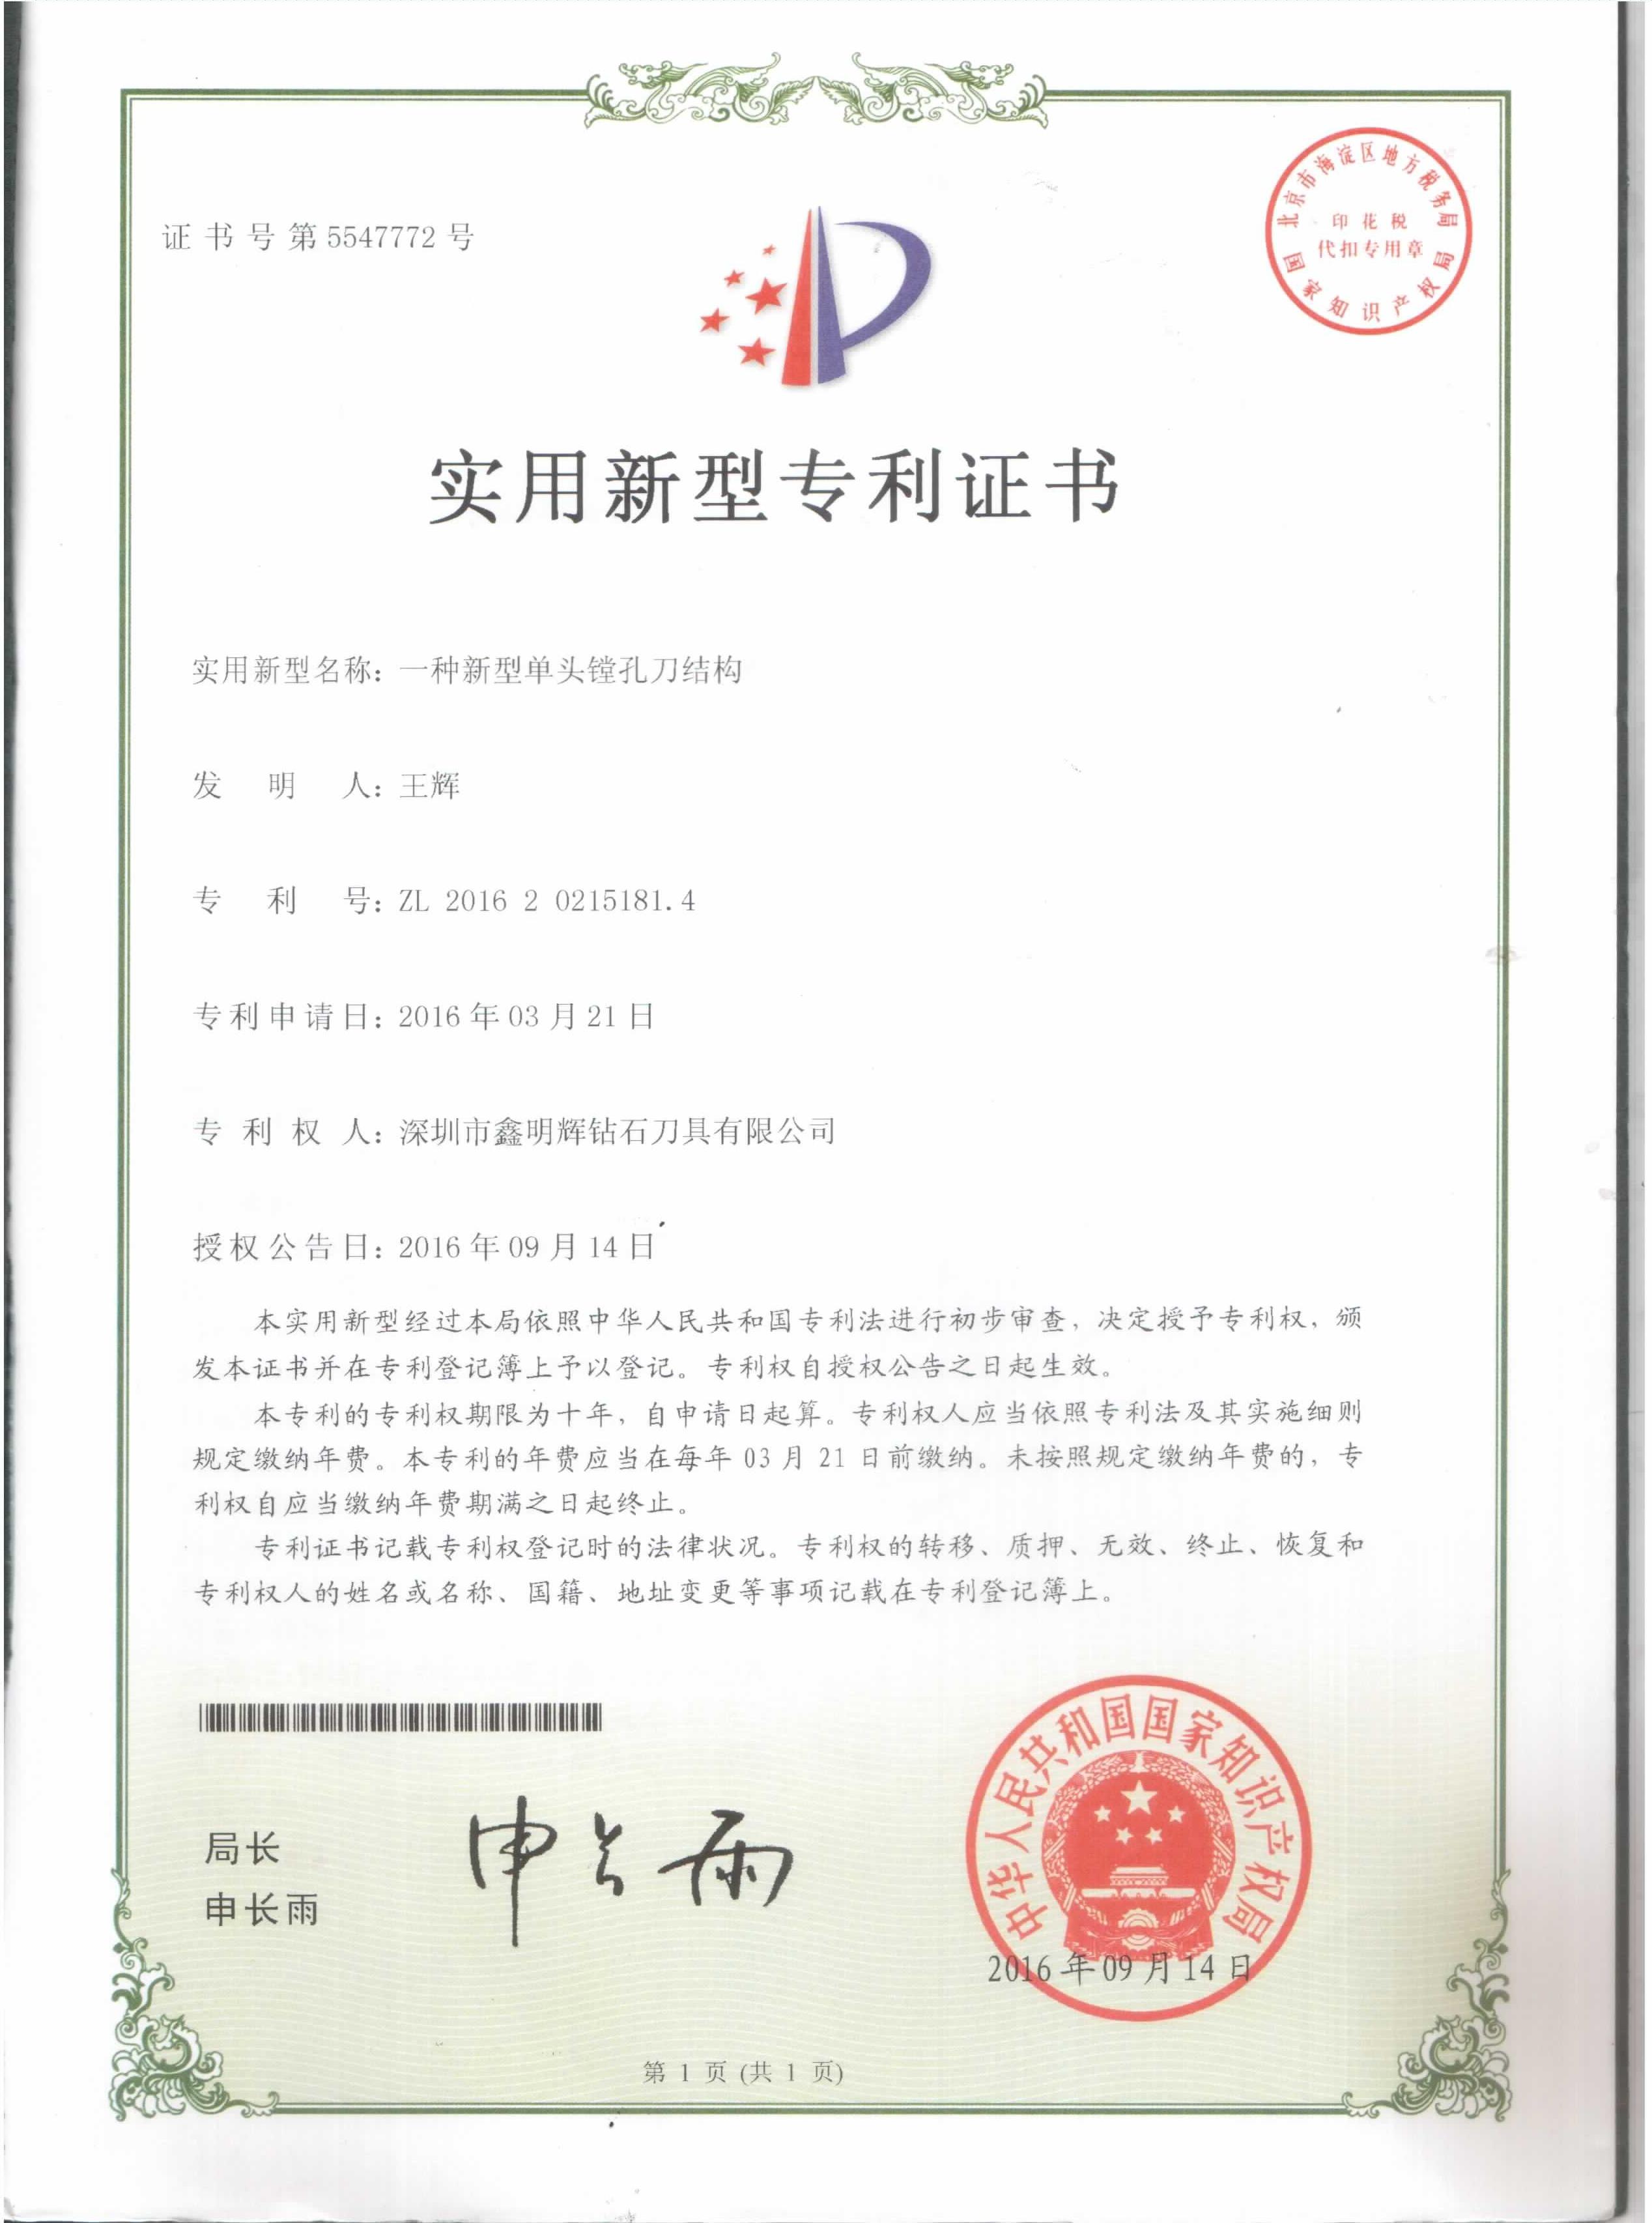 鏜刀專利證書